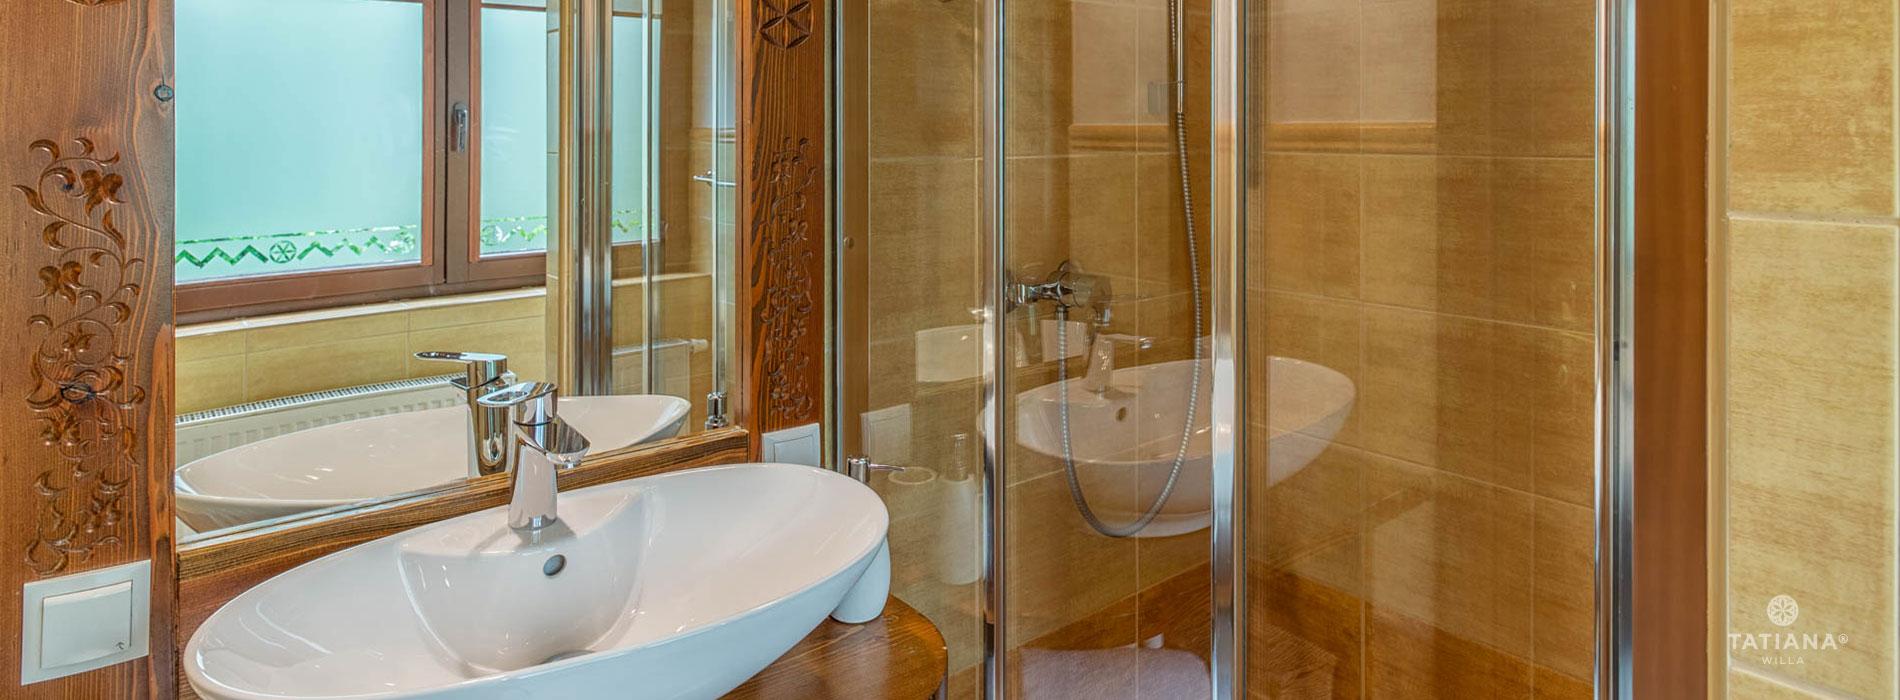 Apartment Premium 8 - Bathroom